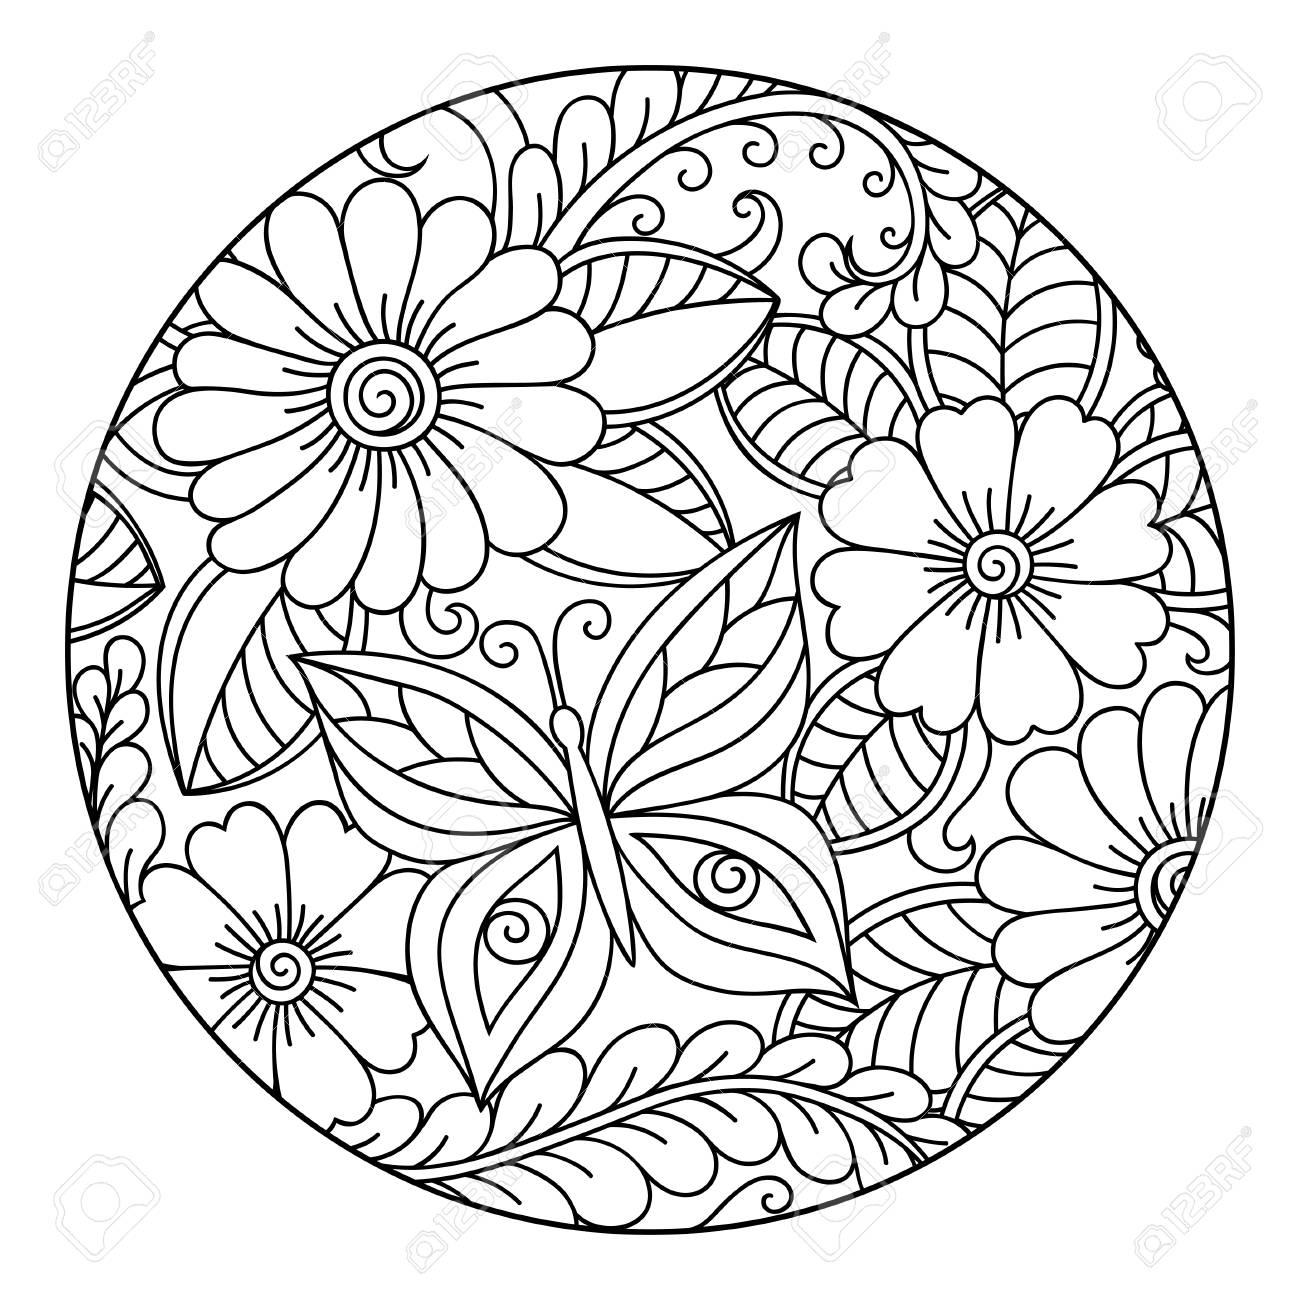 Esquema Redondo Patrón Floral Para Colorear Para Colorear Antiestrés Colorear Para Adultos Y Adultos Patrón De Dibujo Azul En Negro Mano Dibujar La